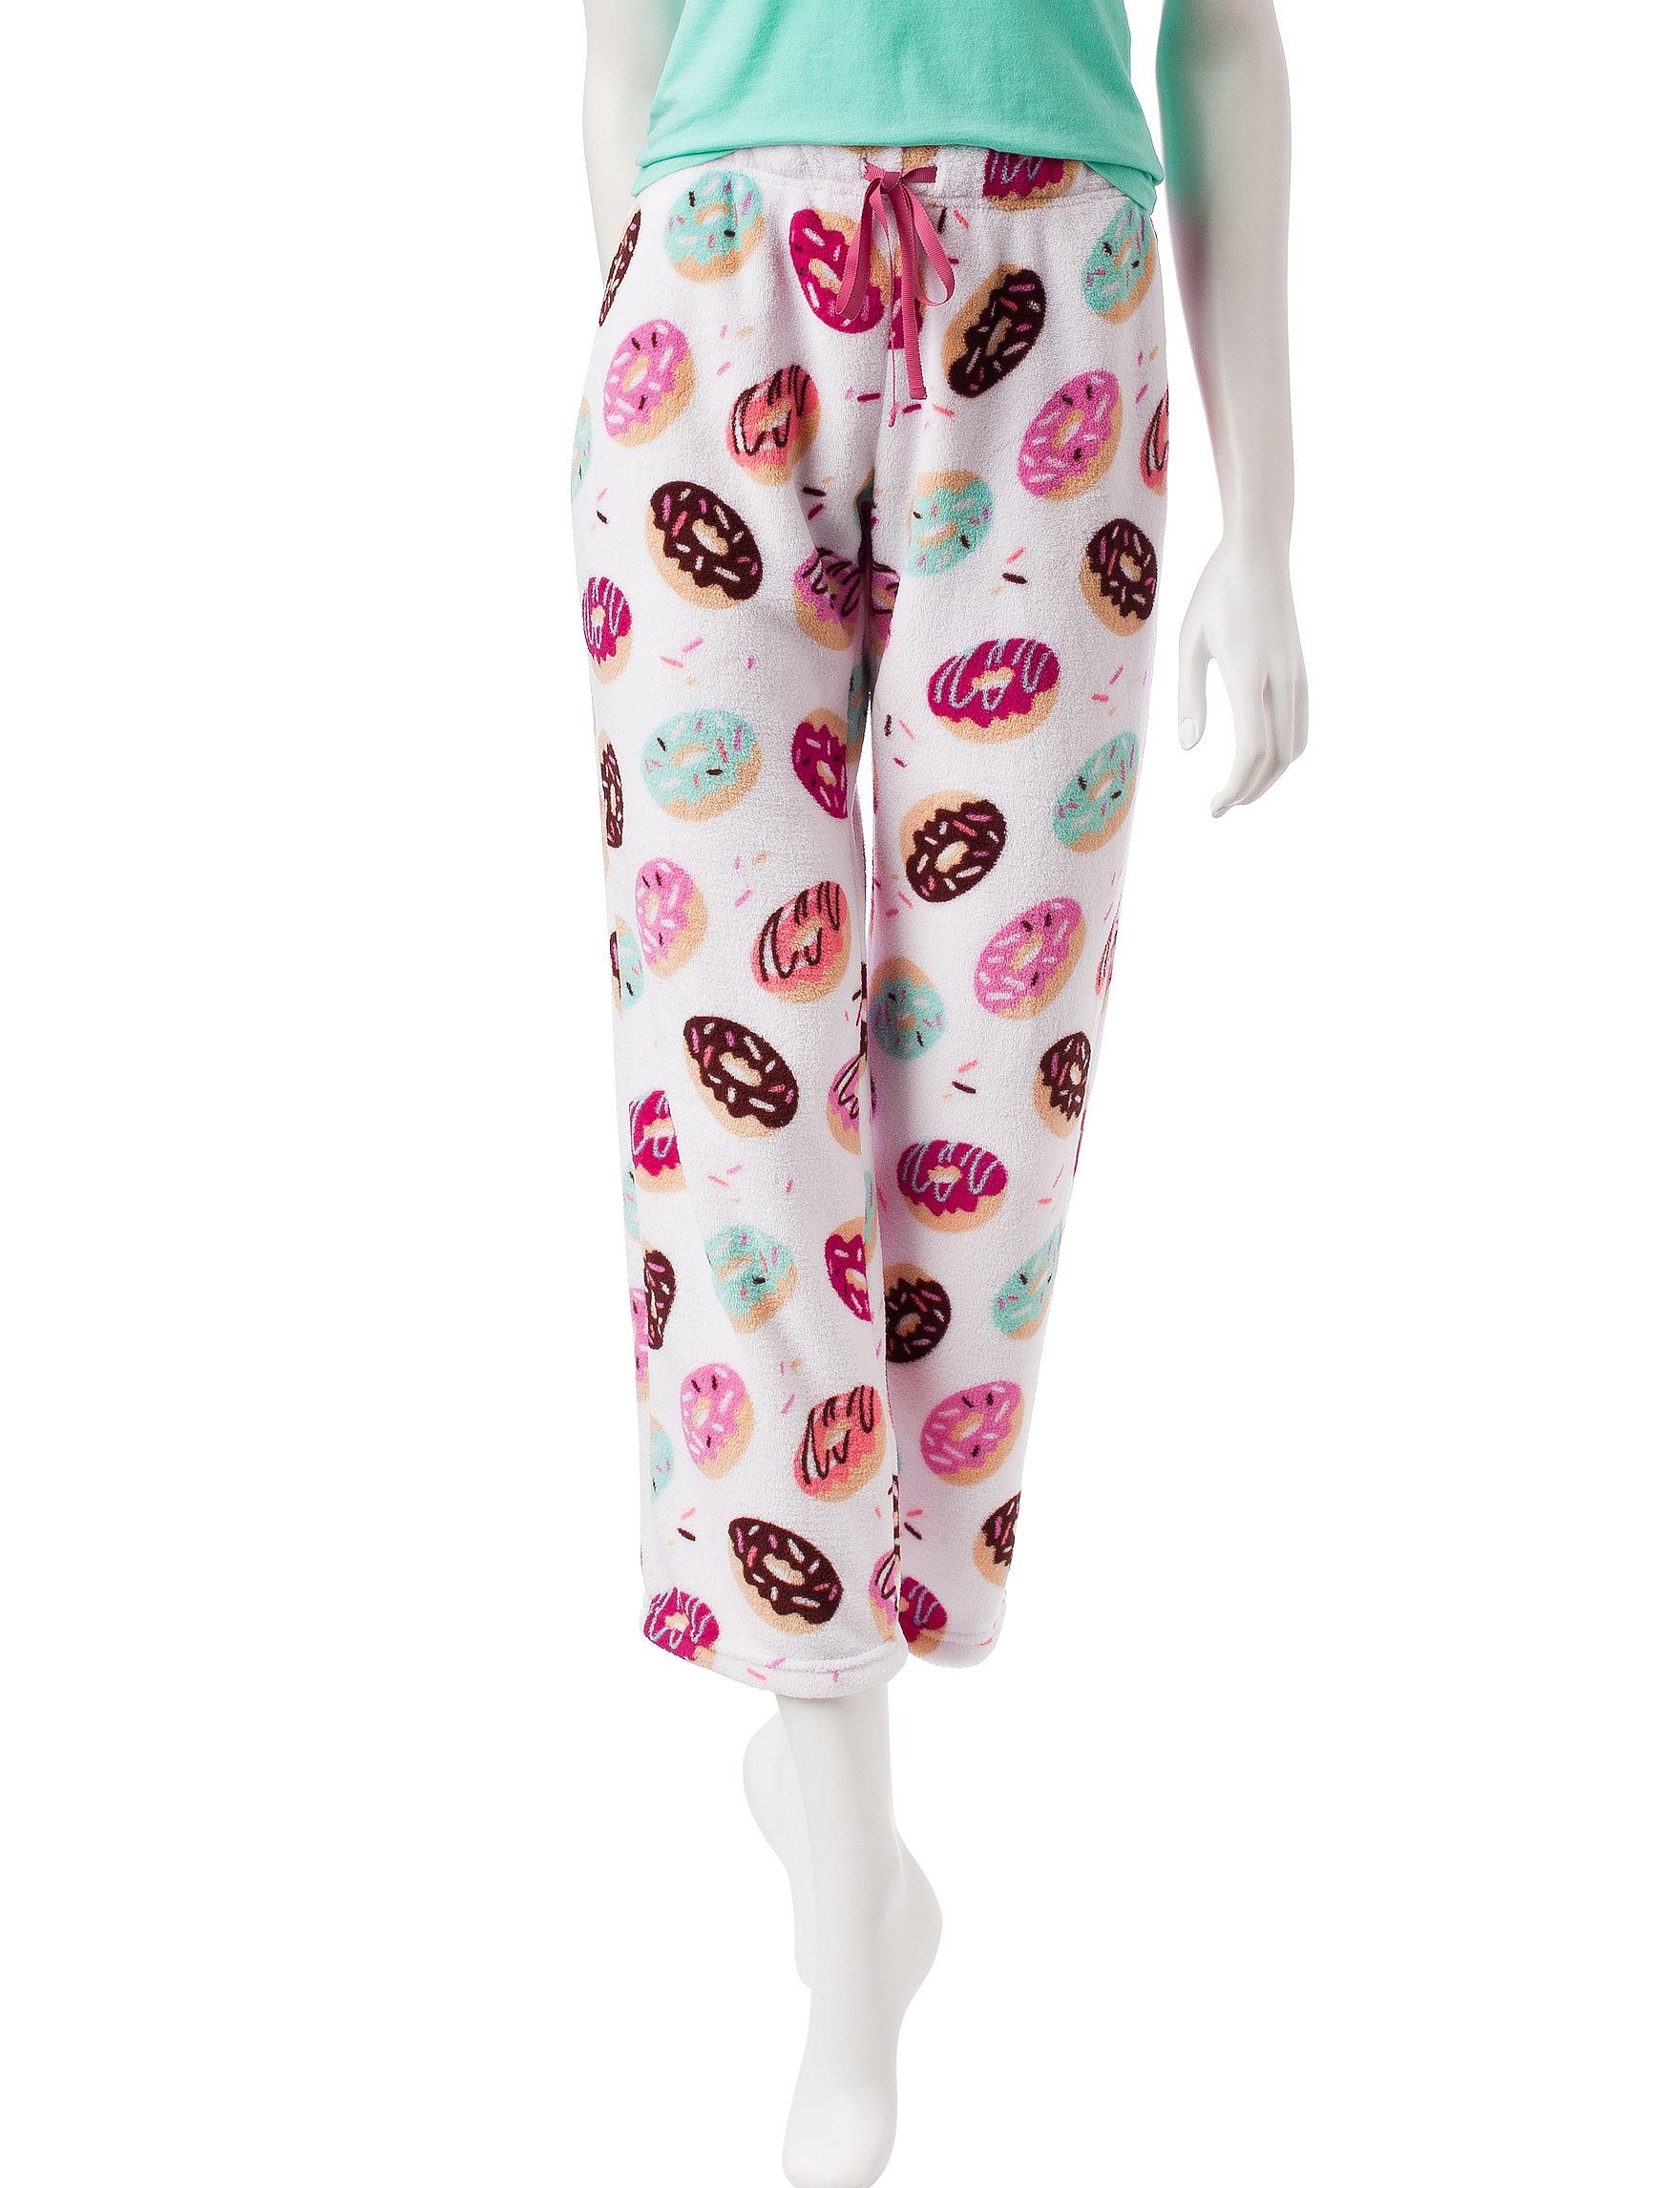 PJ Couture White Pajama Bottoms